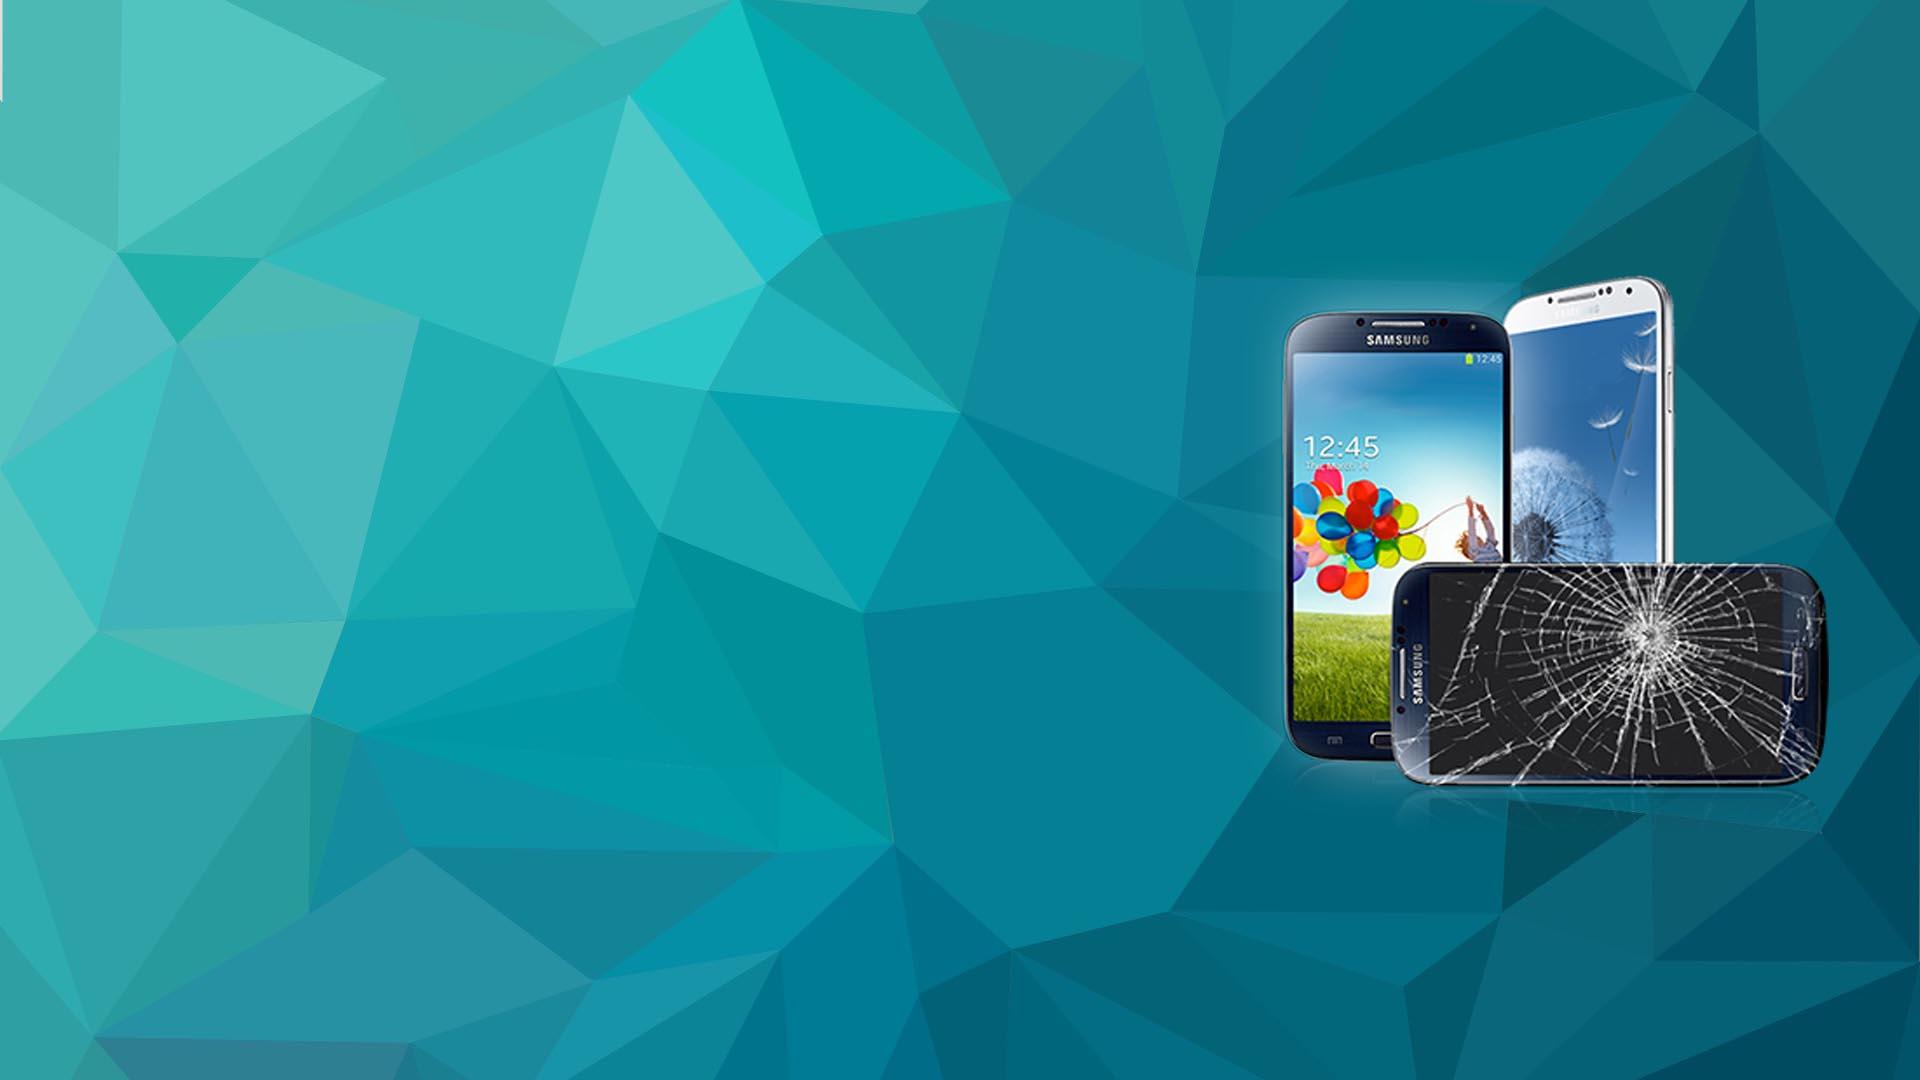 SAMSUNG'S SMART PHONES SCREEN REPAIR